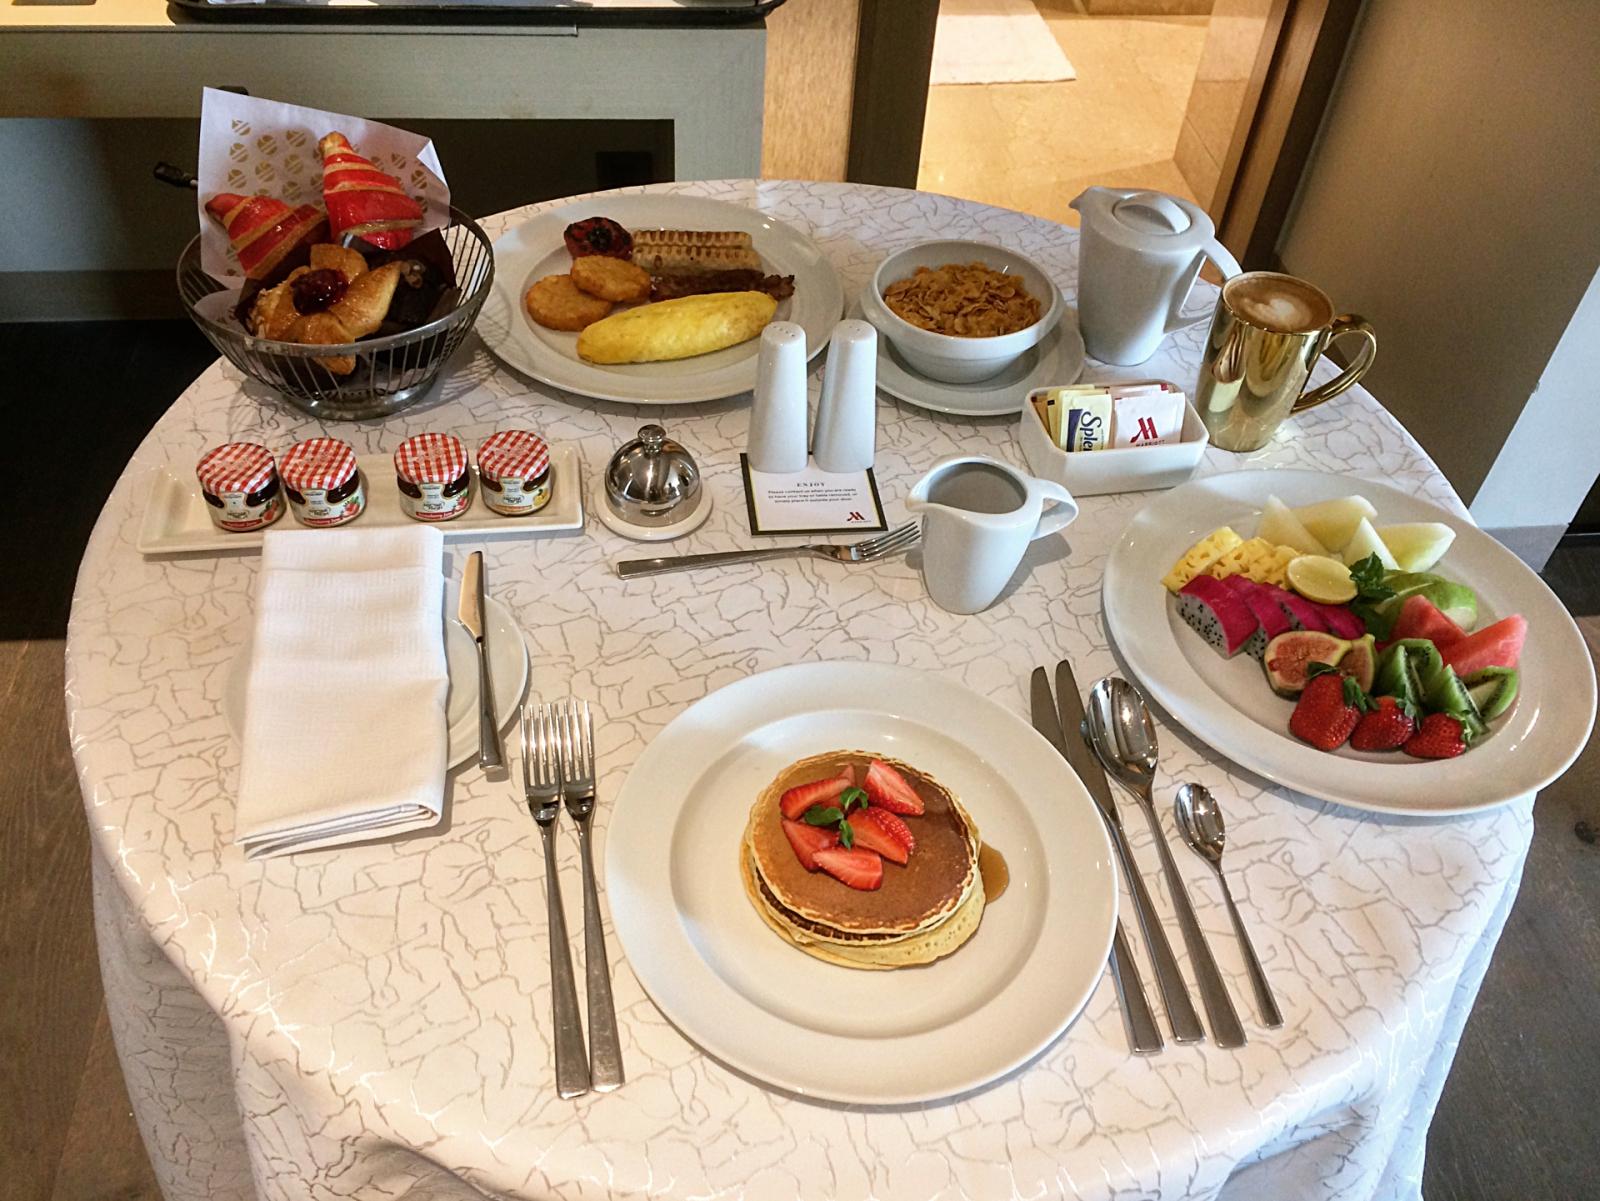 Indore Marriott Breakfast in Bed